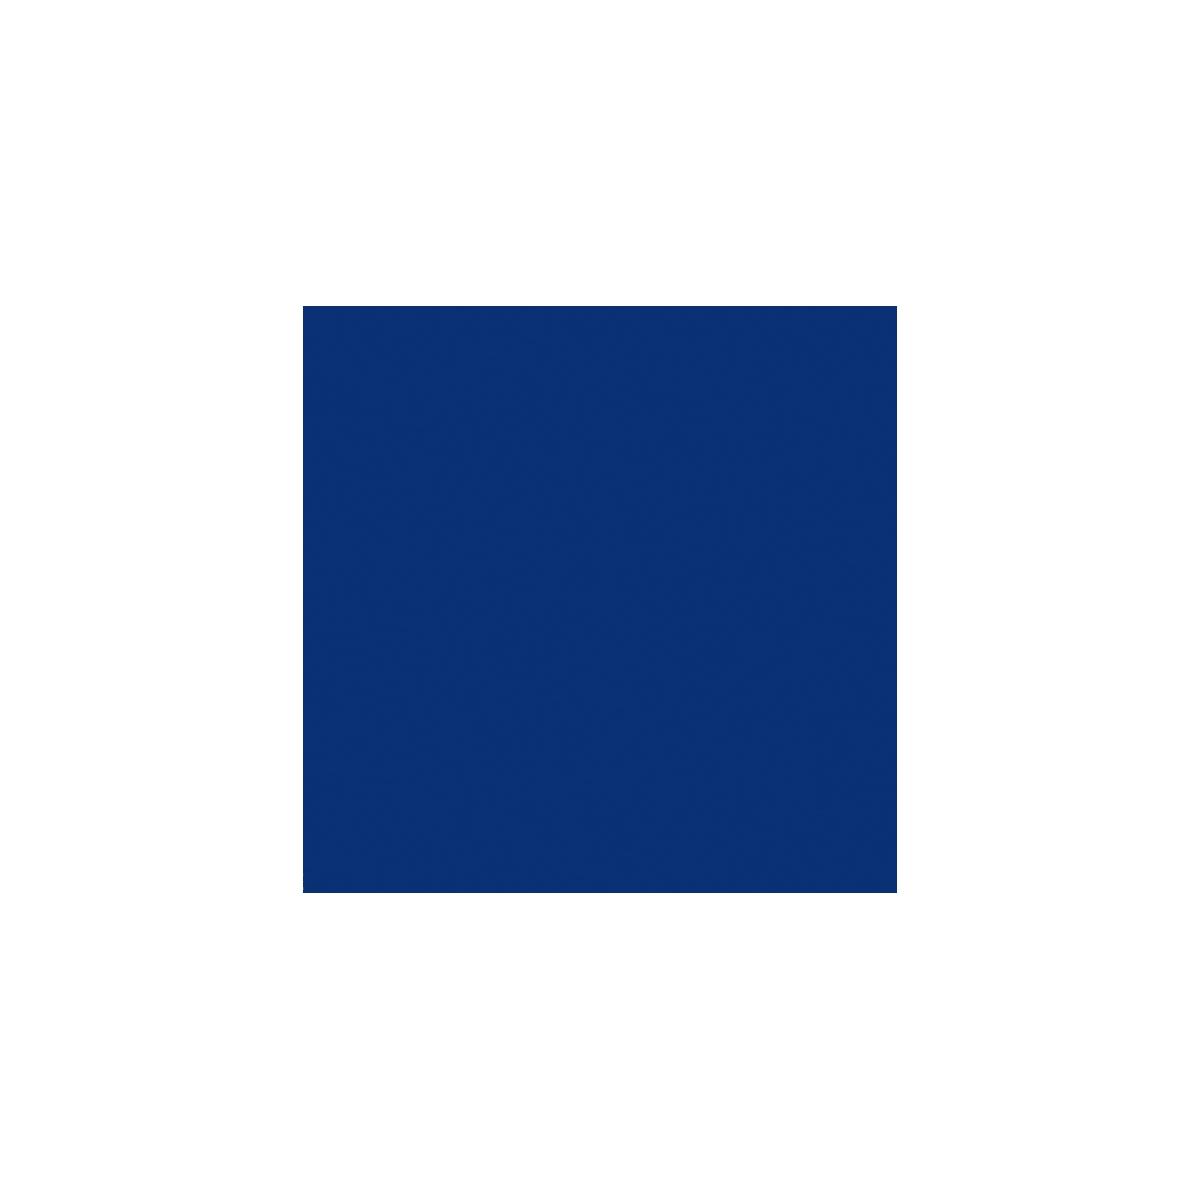 Pavimentos y Revestimientos - Serie Cuarteo Azúl de la marca Mainzu